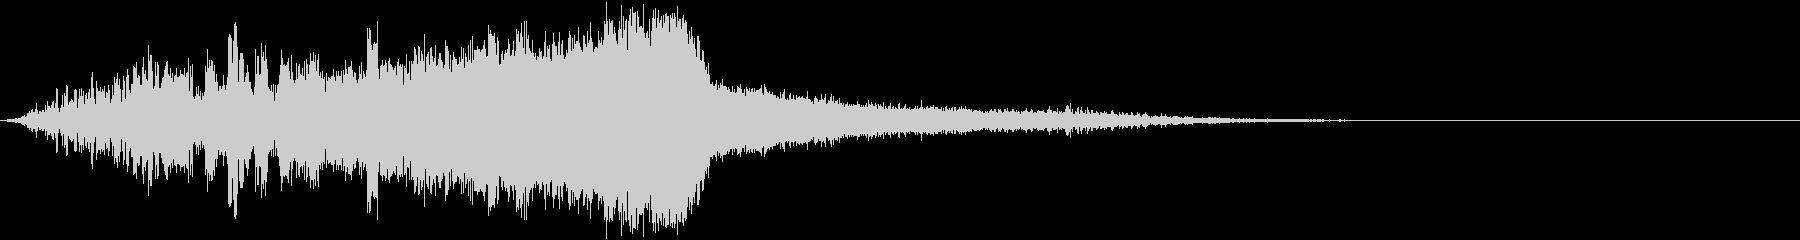 宇宙・近未来の効果音(通信、電子音)の未再生の波形